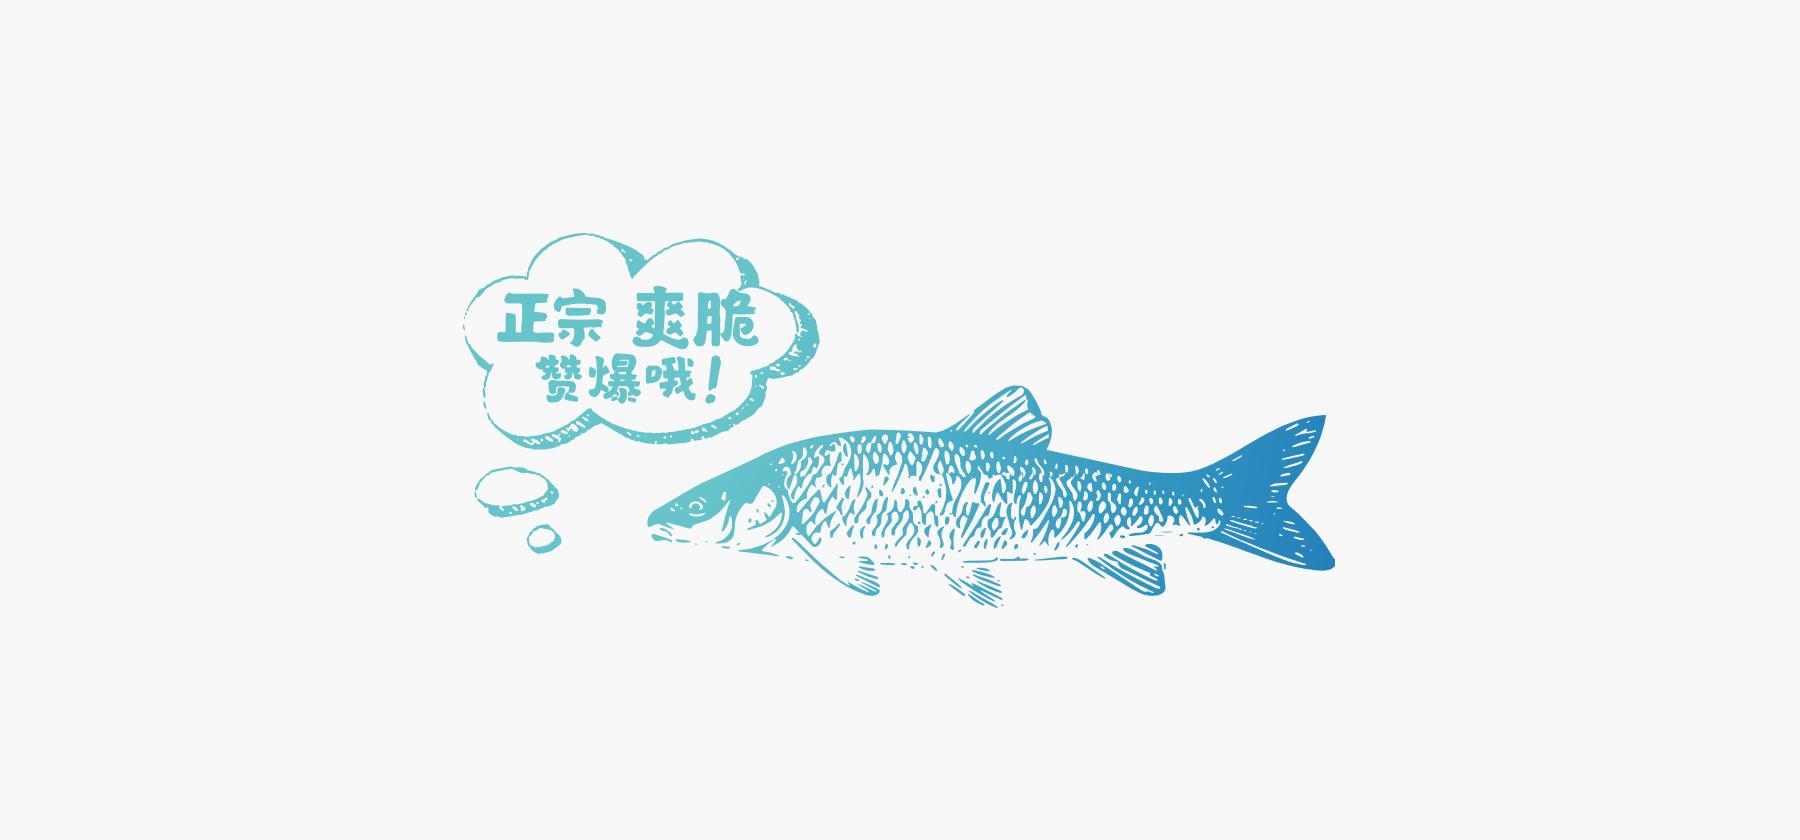 臻渔人-3.jpg